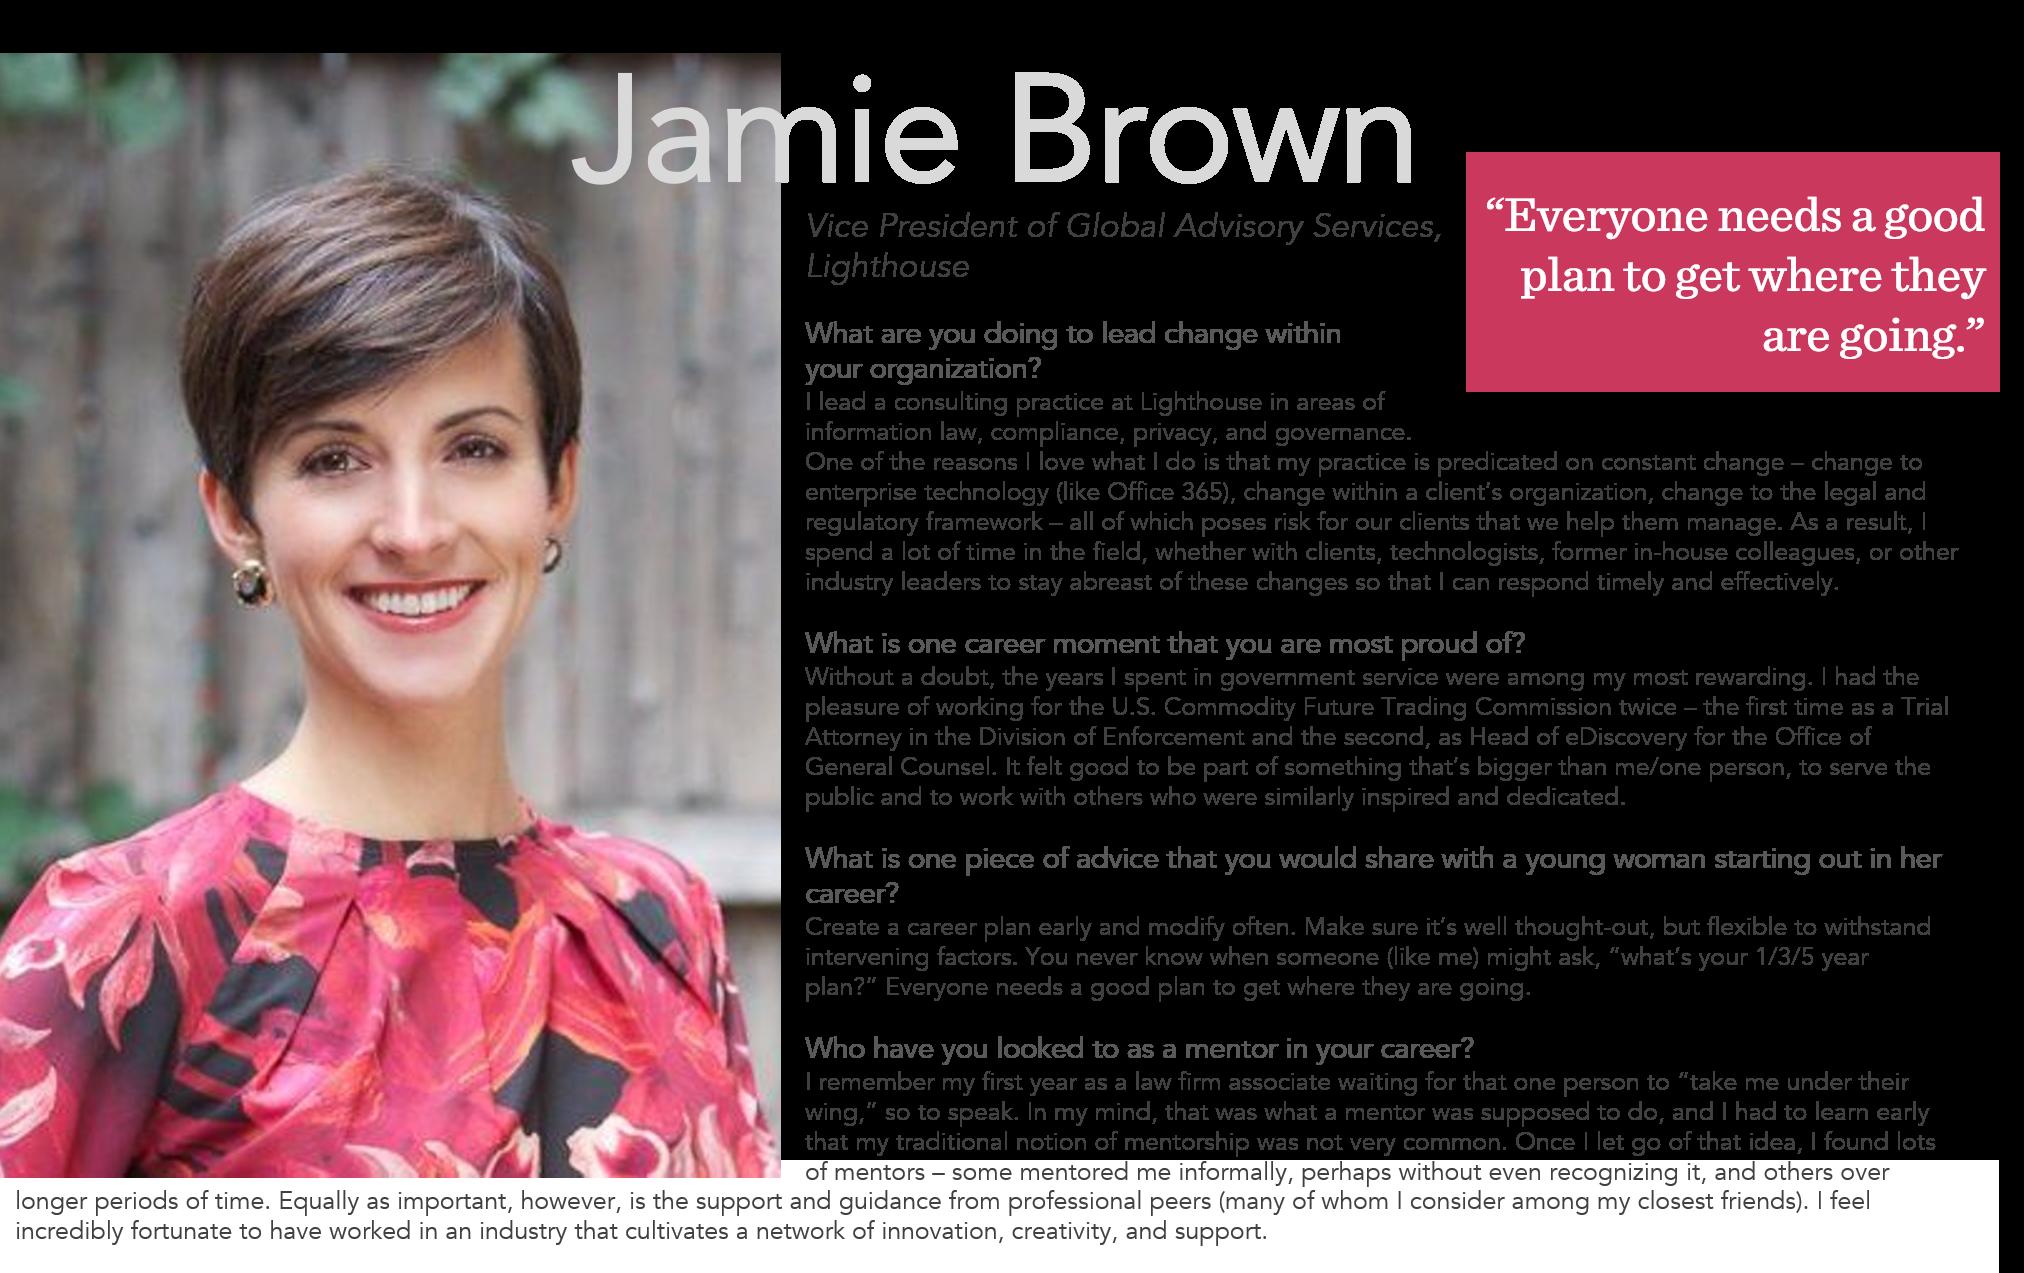 Jamie Brown Large Form